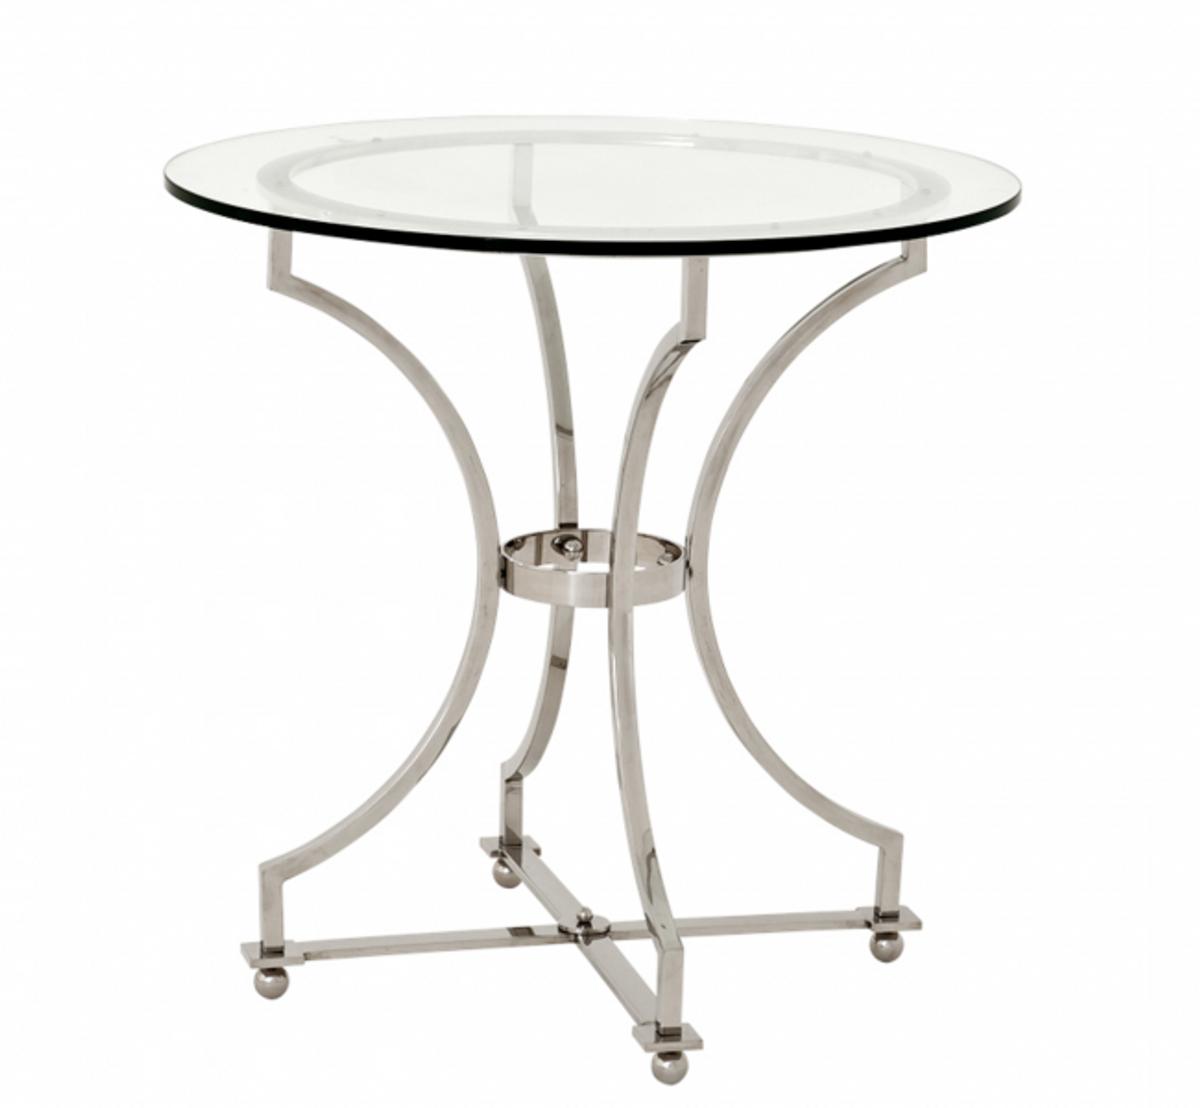 Casa padrino luxus art deco designer beistelltisch 75 x h for Beistelltisch 75 cm